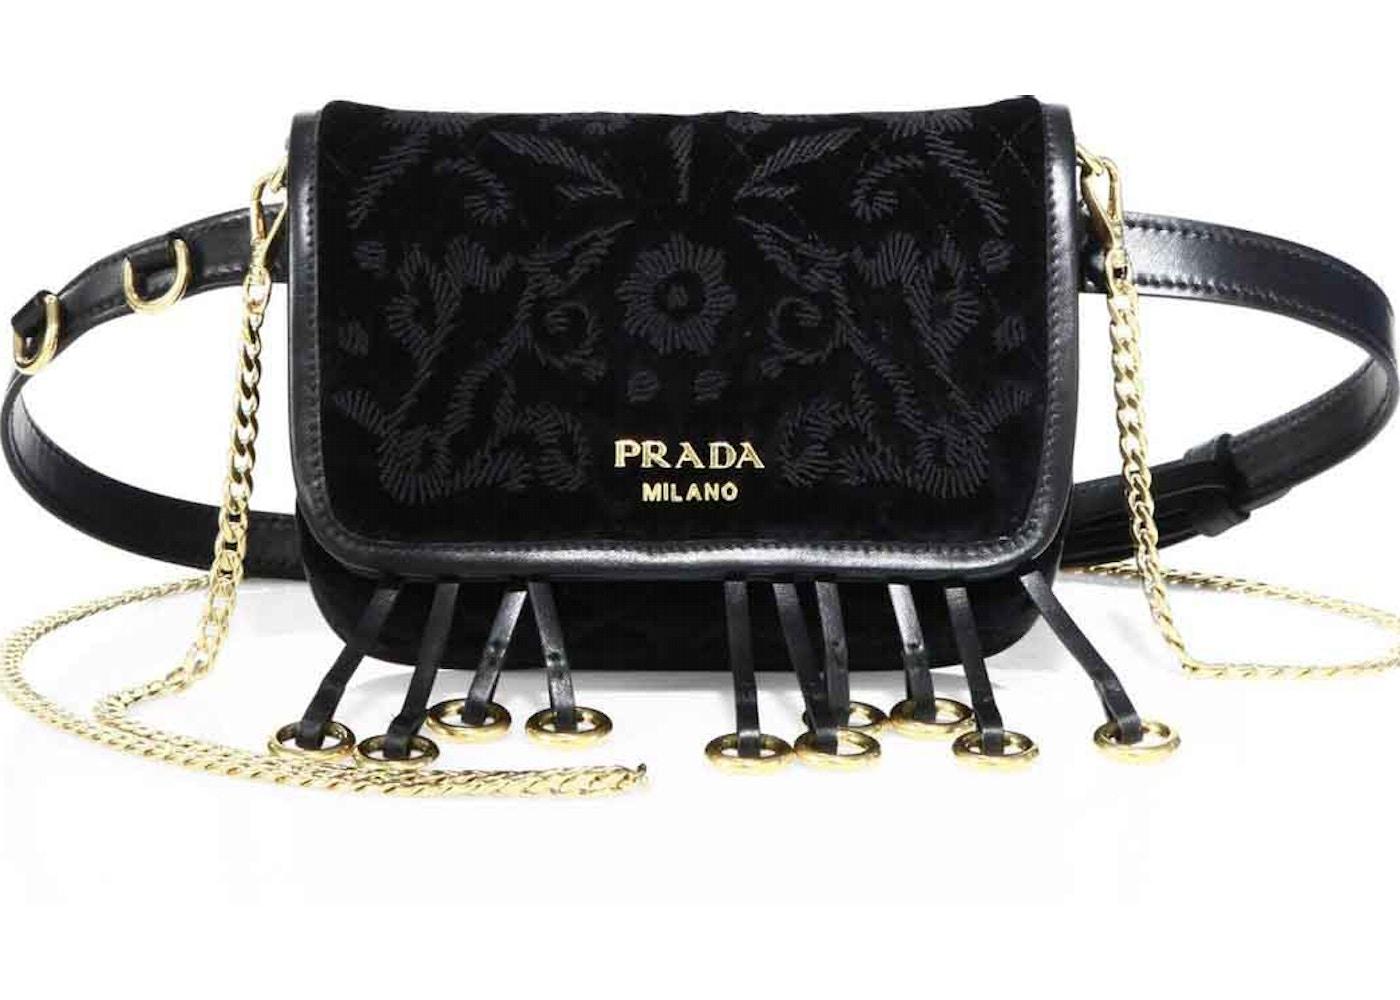 80d020af7 Prada Cahier Belt Bag Embroidered Velvet Black. Embroidered Velvet Black